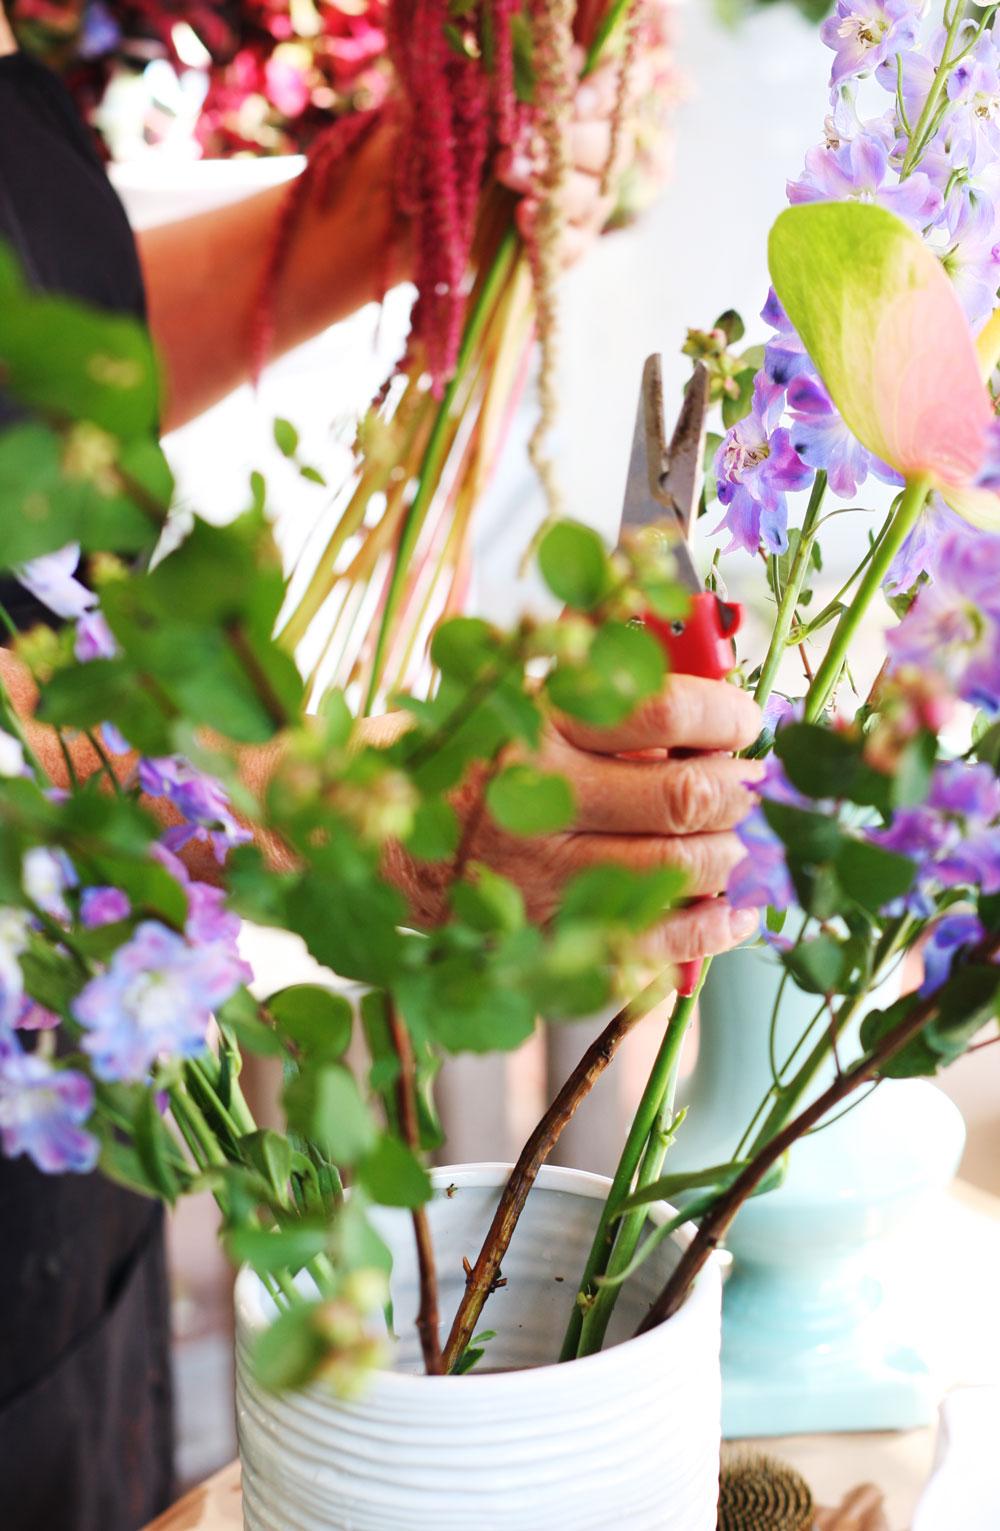 jestcafe.com-flowerdaywithmom17